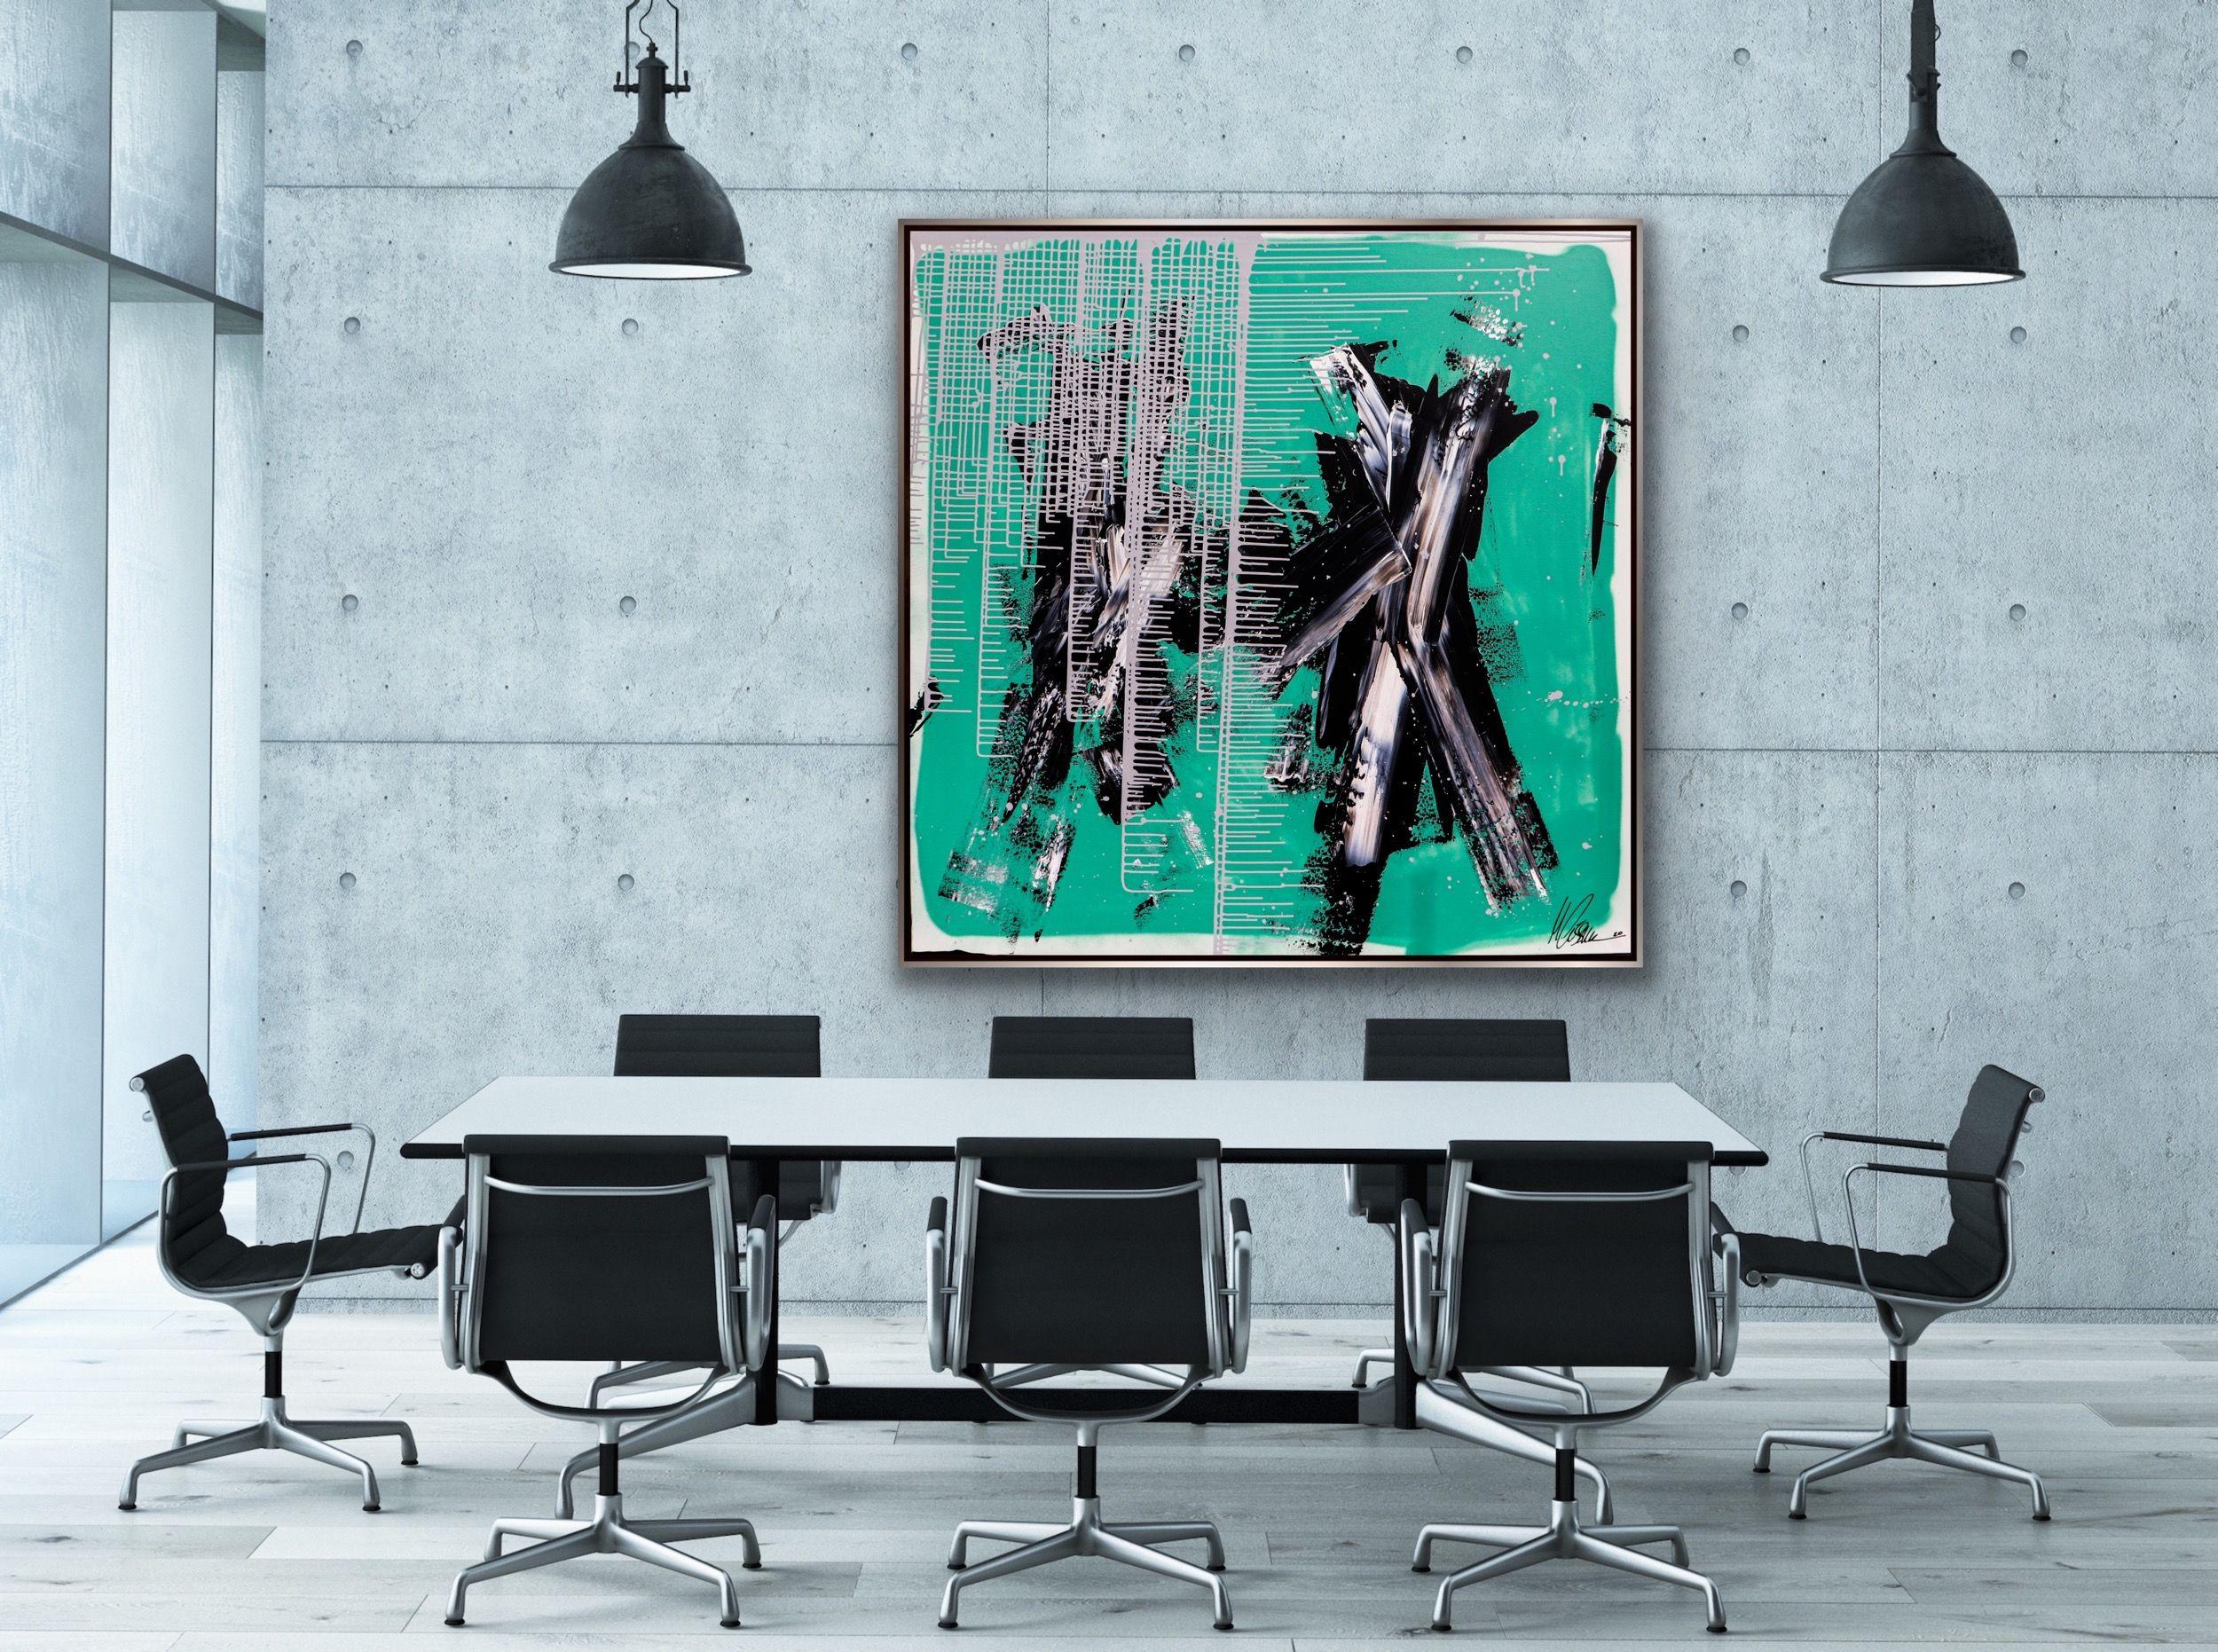 #abstract #artist #modernart